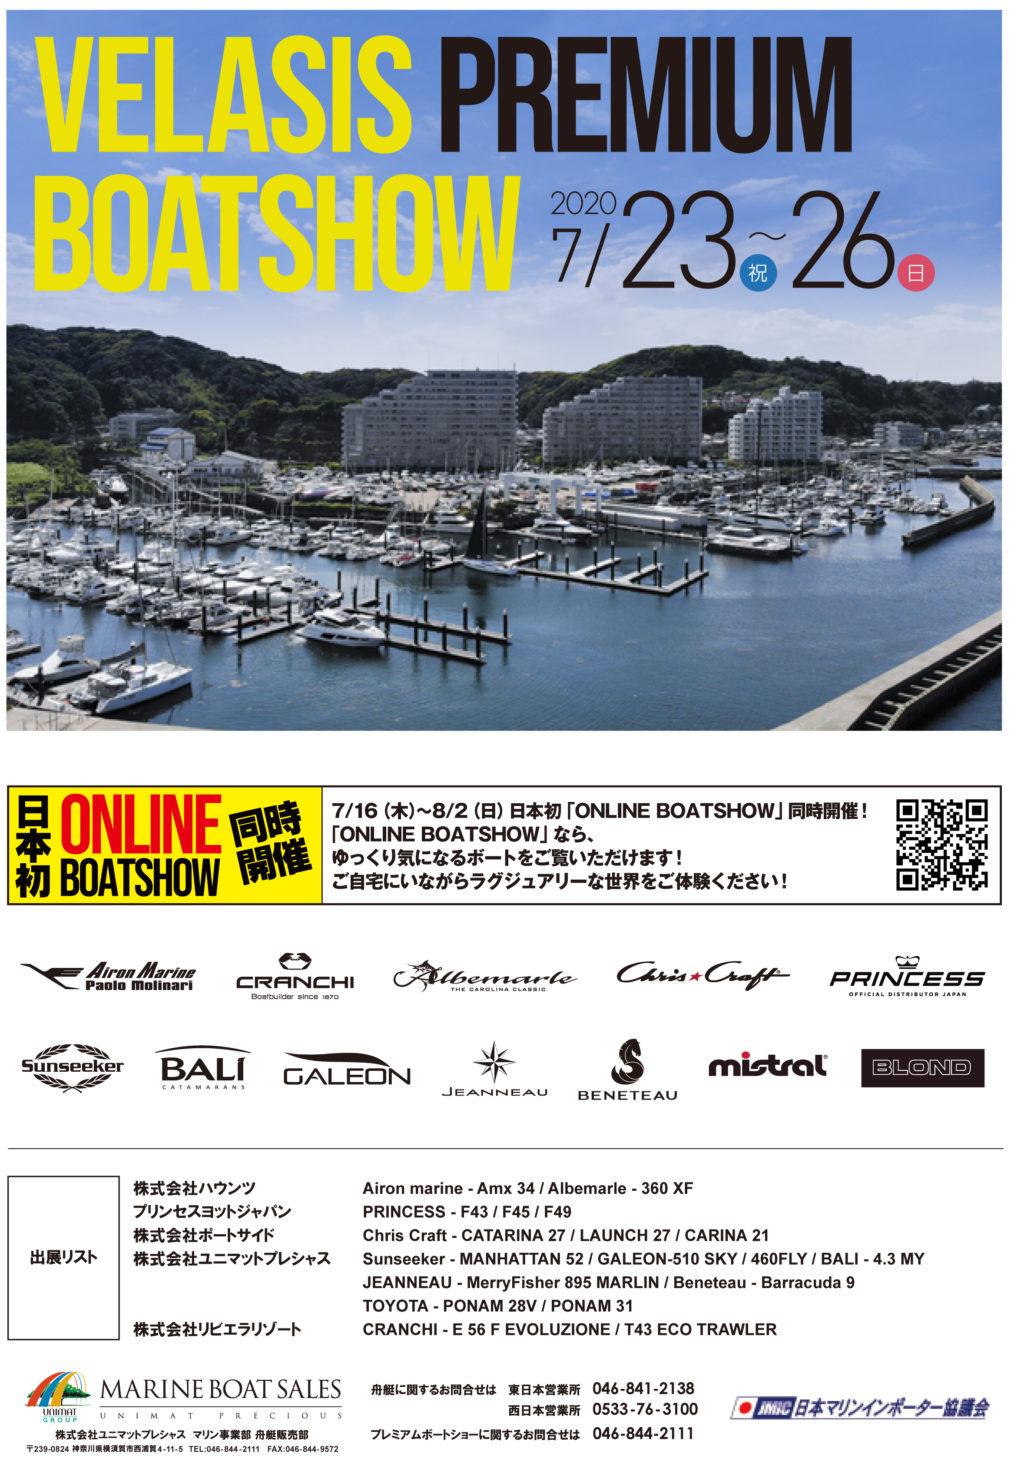 ヴェラシスプレミアムボートショー&日本初オンラインボートショーのお知らせ!